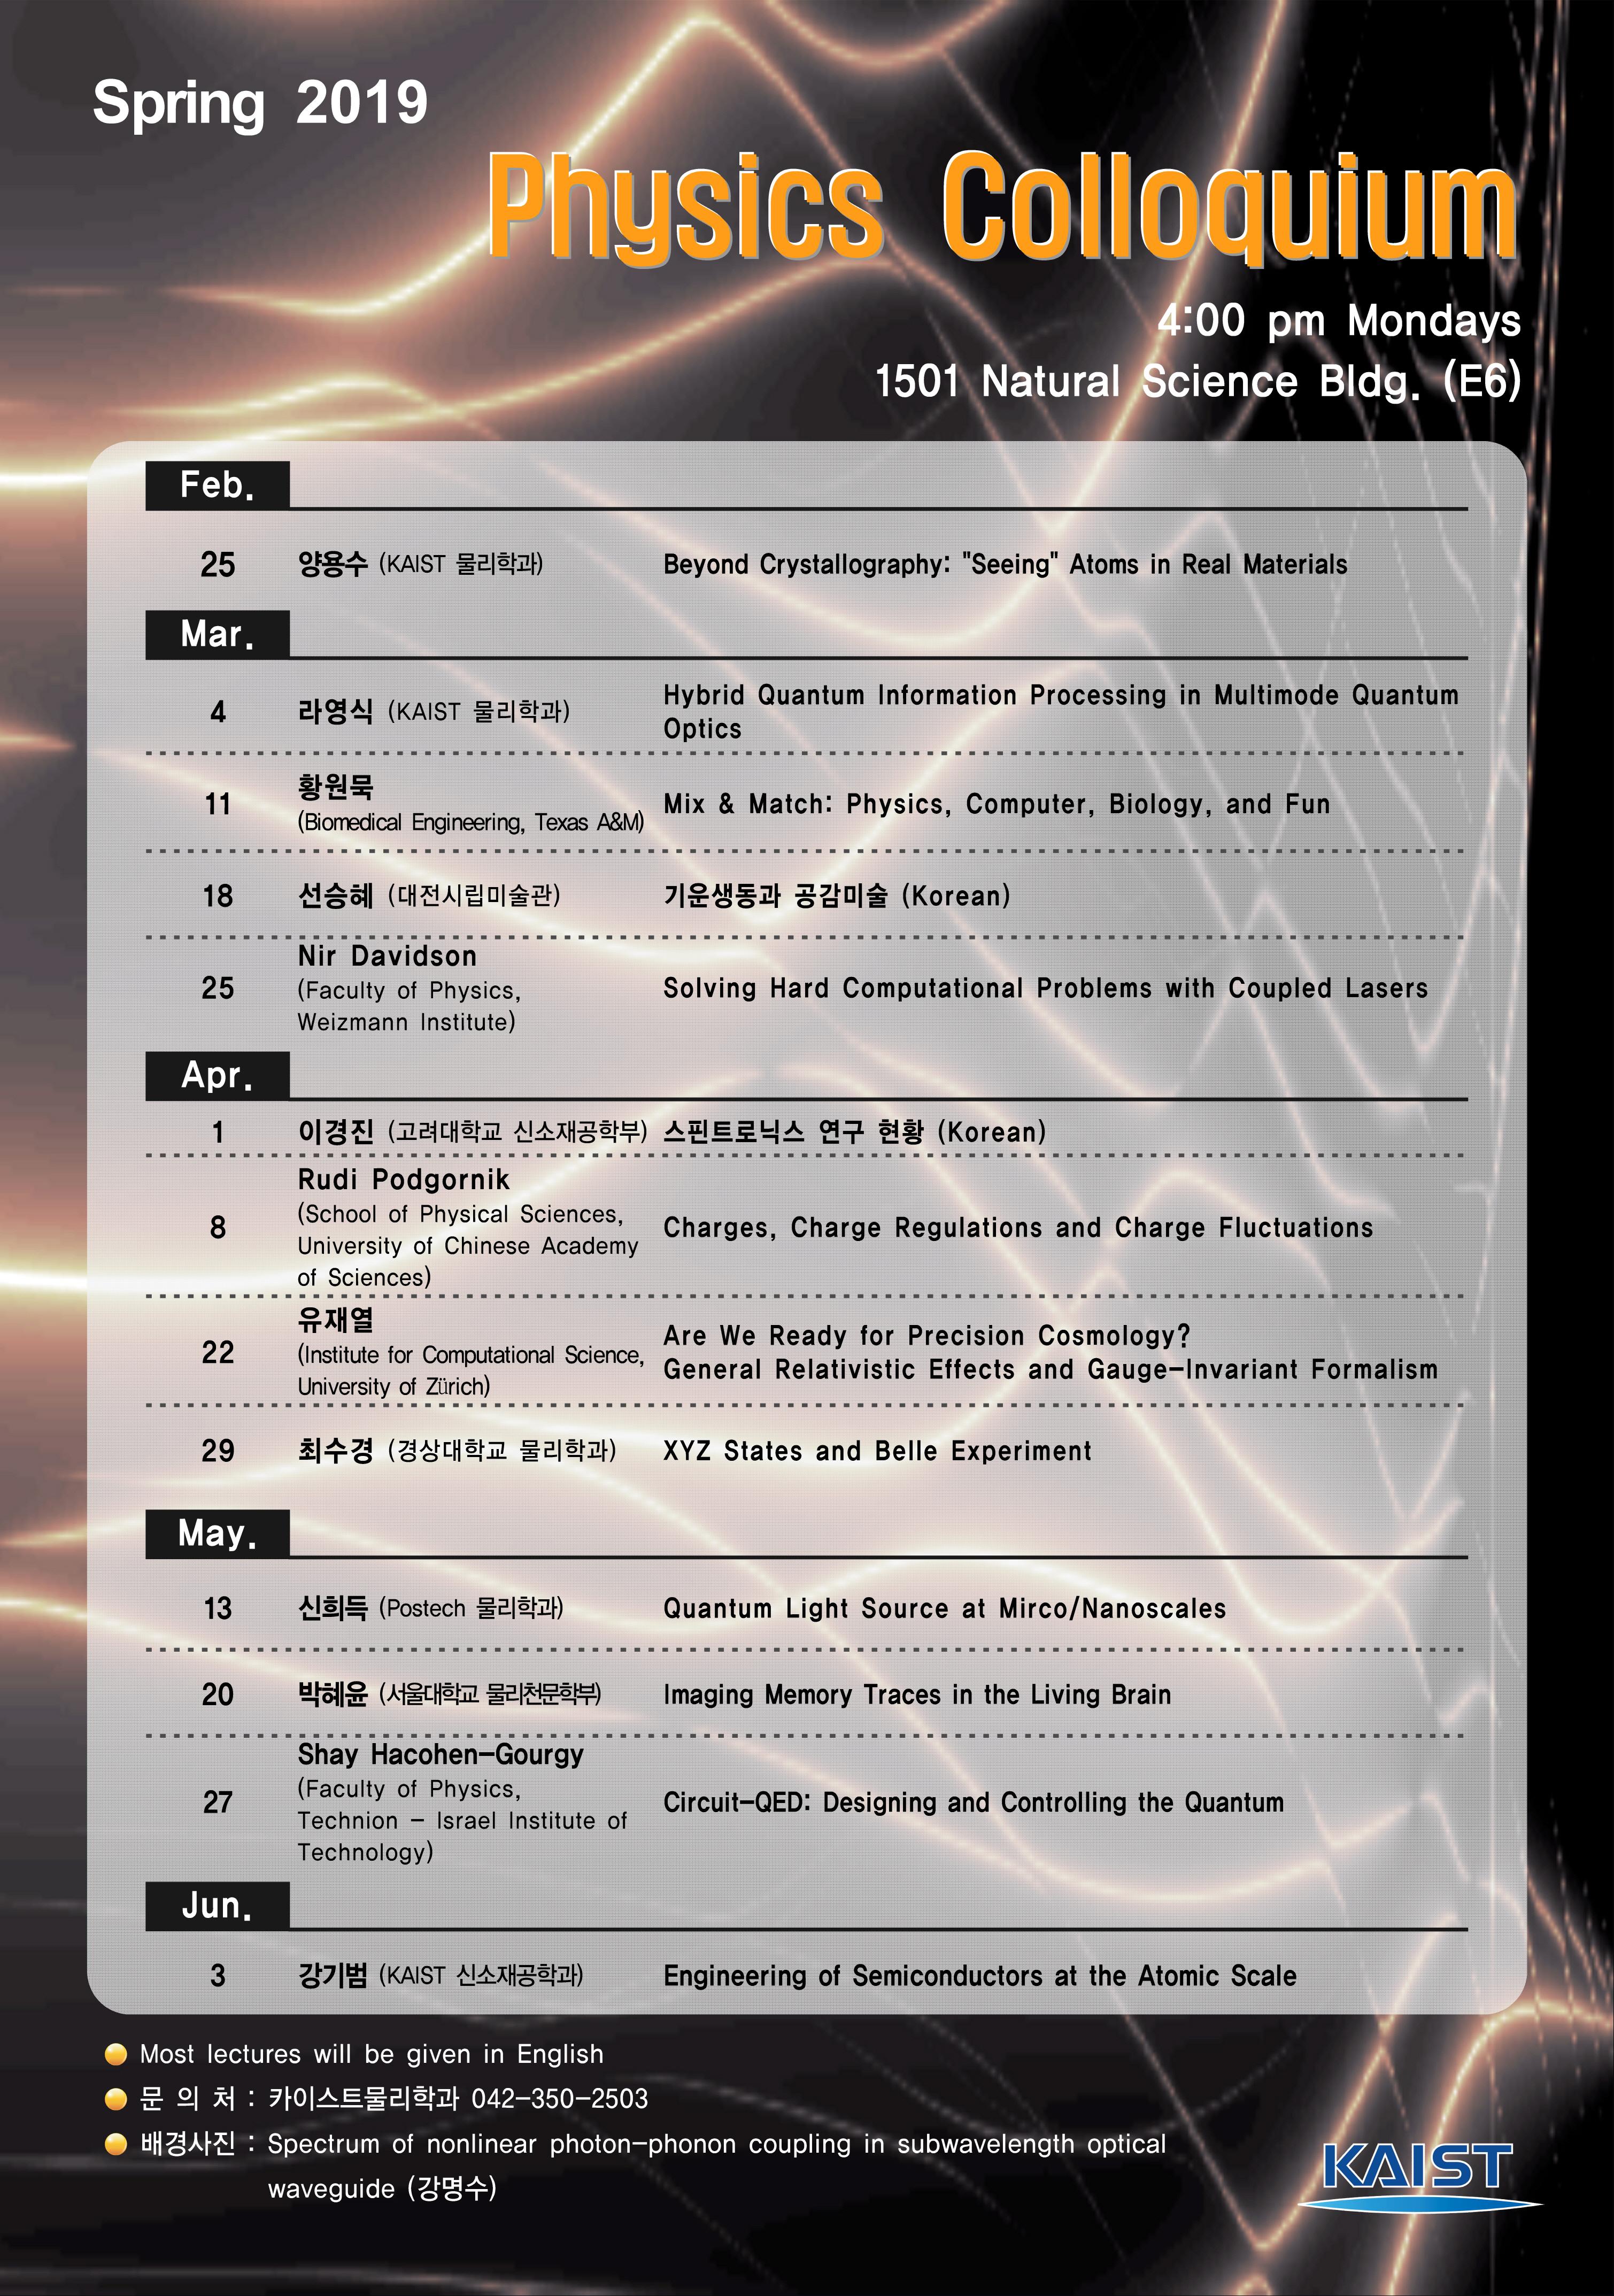 크기변환_Spring 2019 Physics Colloquium_Poster.jpg